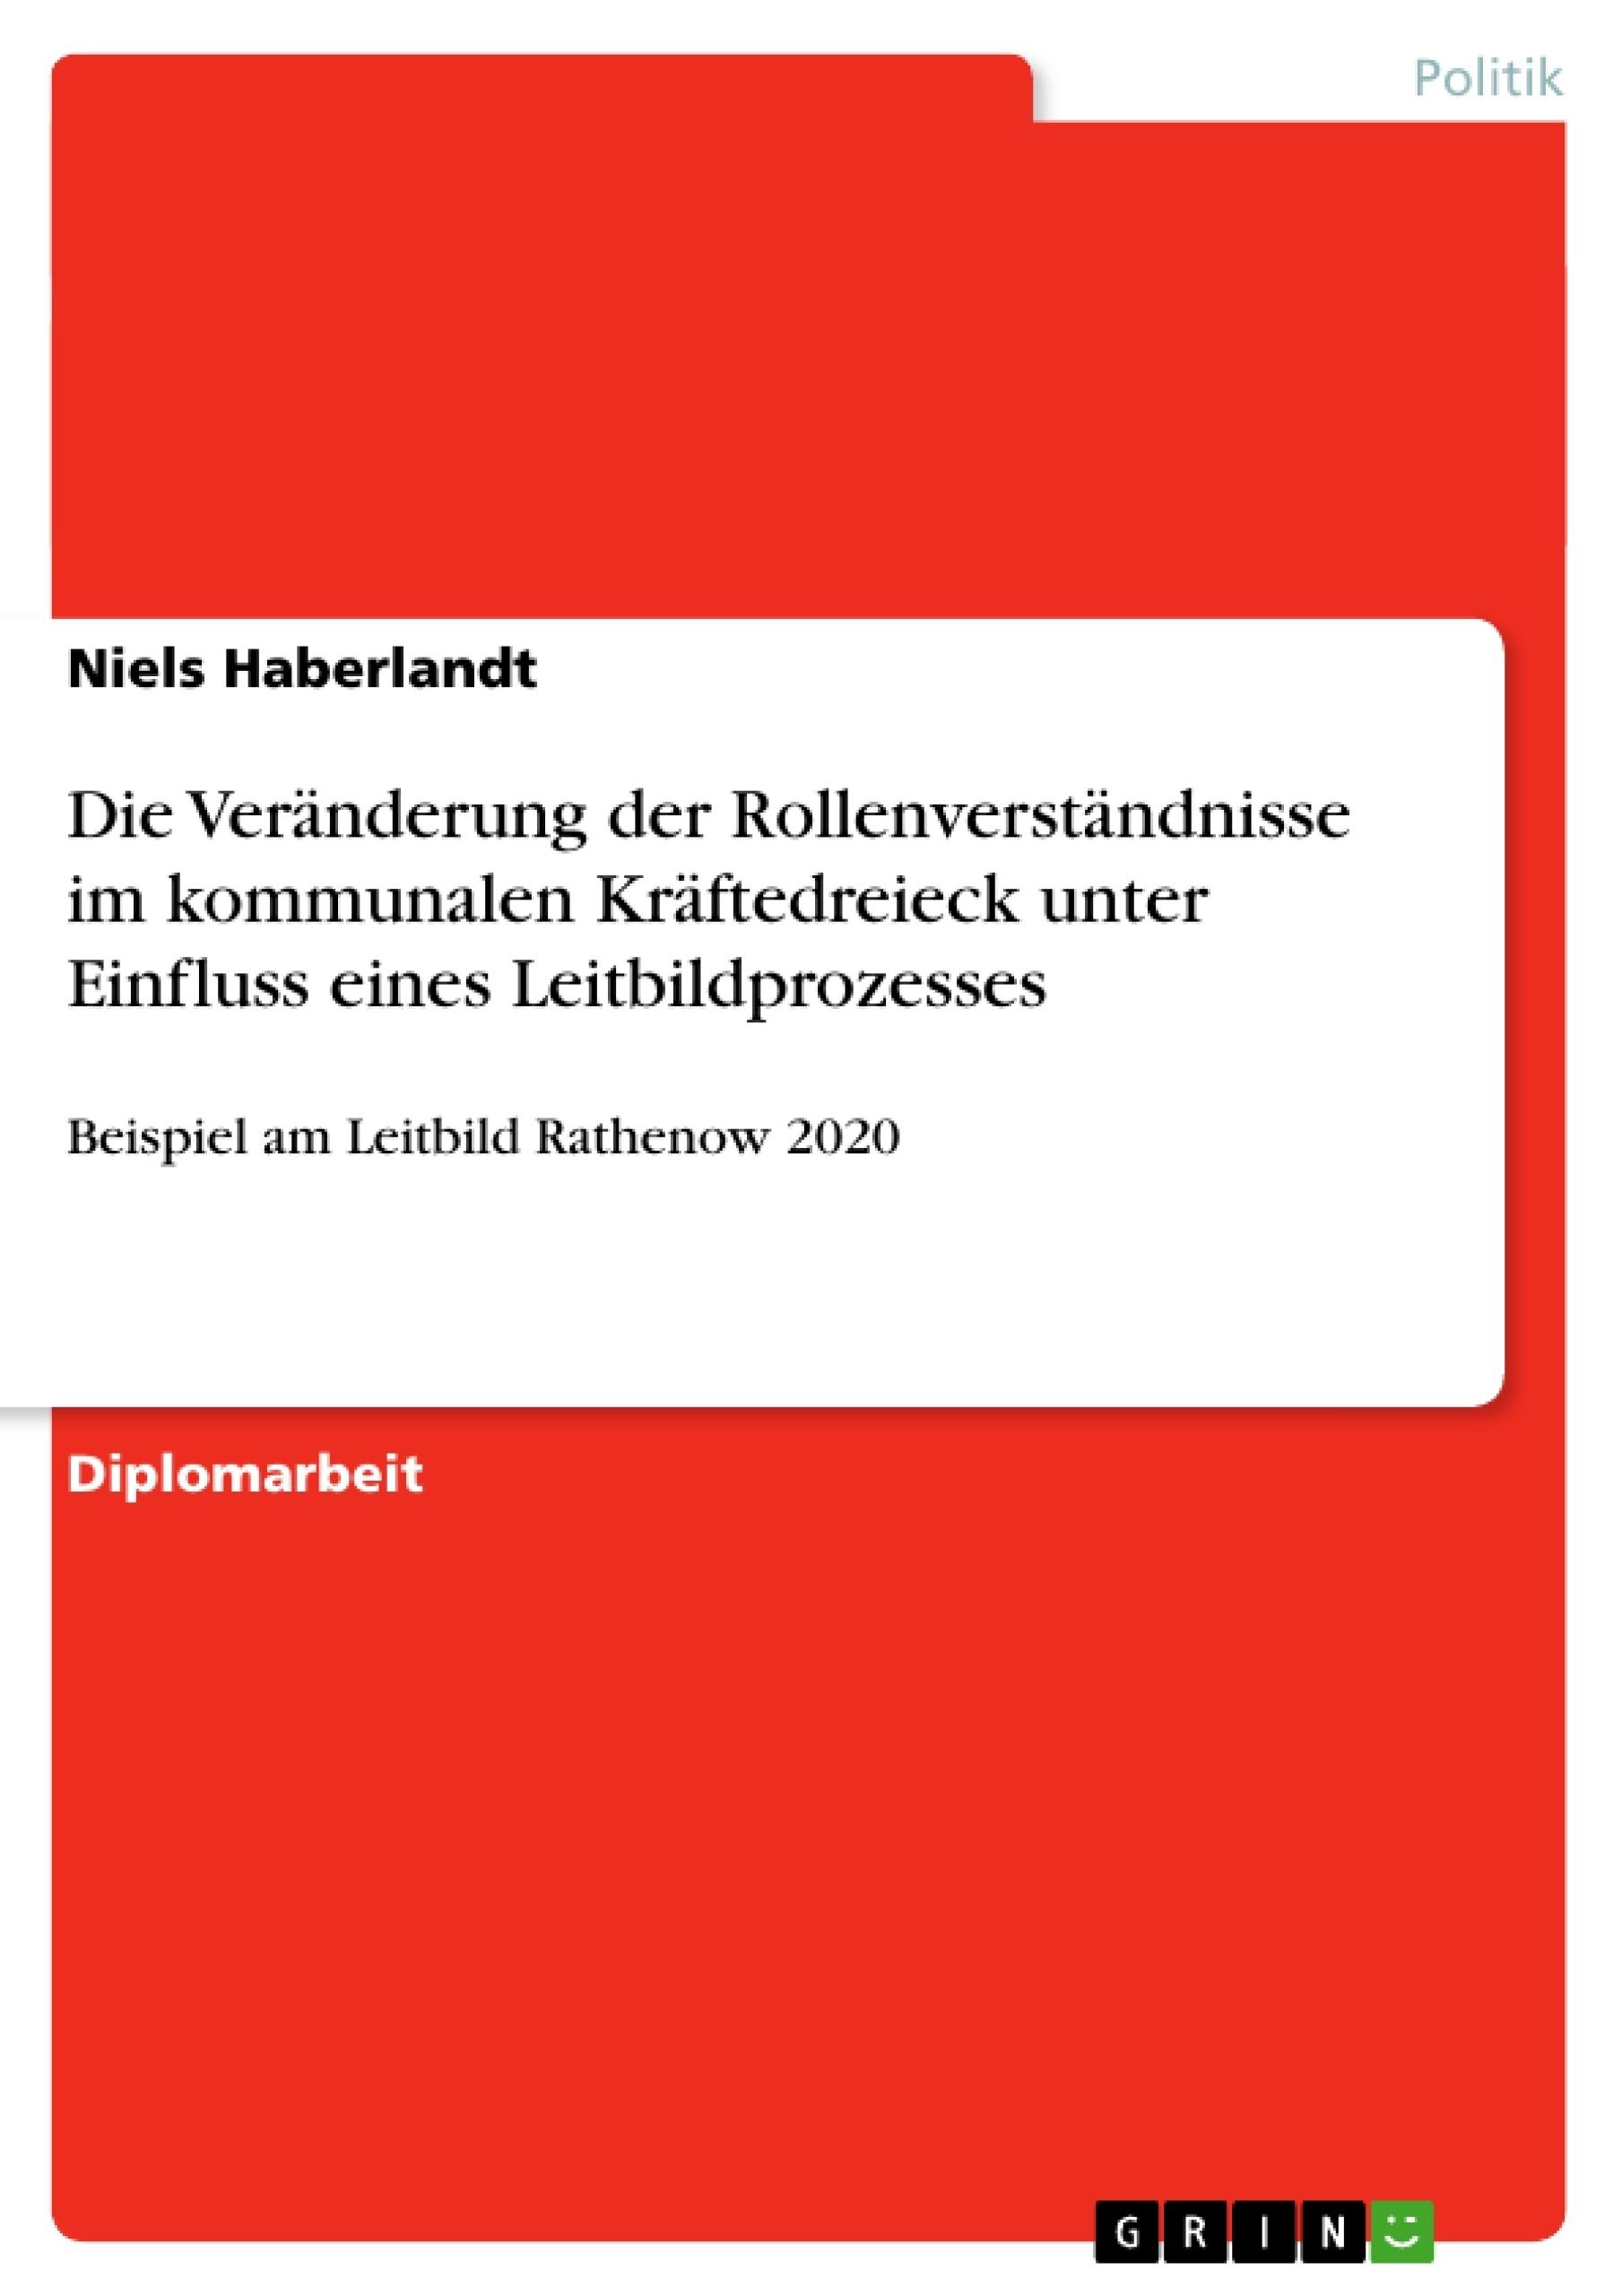 Titel: Die Veränderung der Rollenverständnisse im kommunalen Kräftedreieck unter Einfluss eines Leitbildprozesses